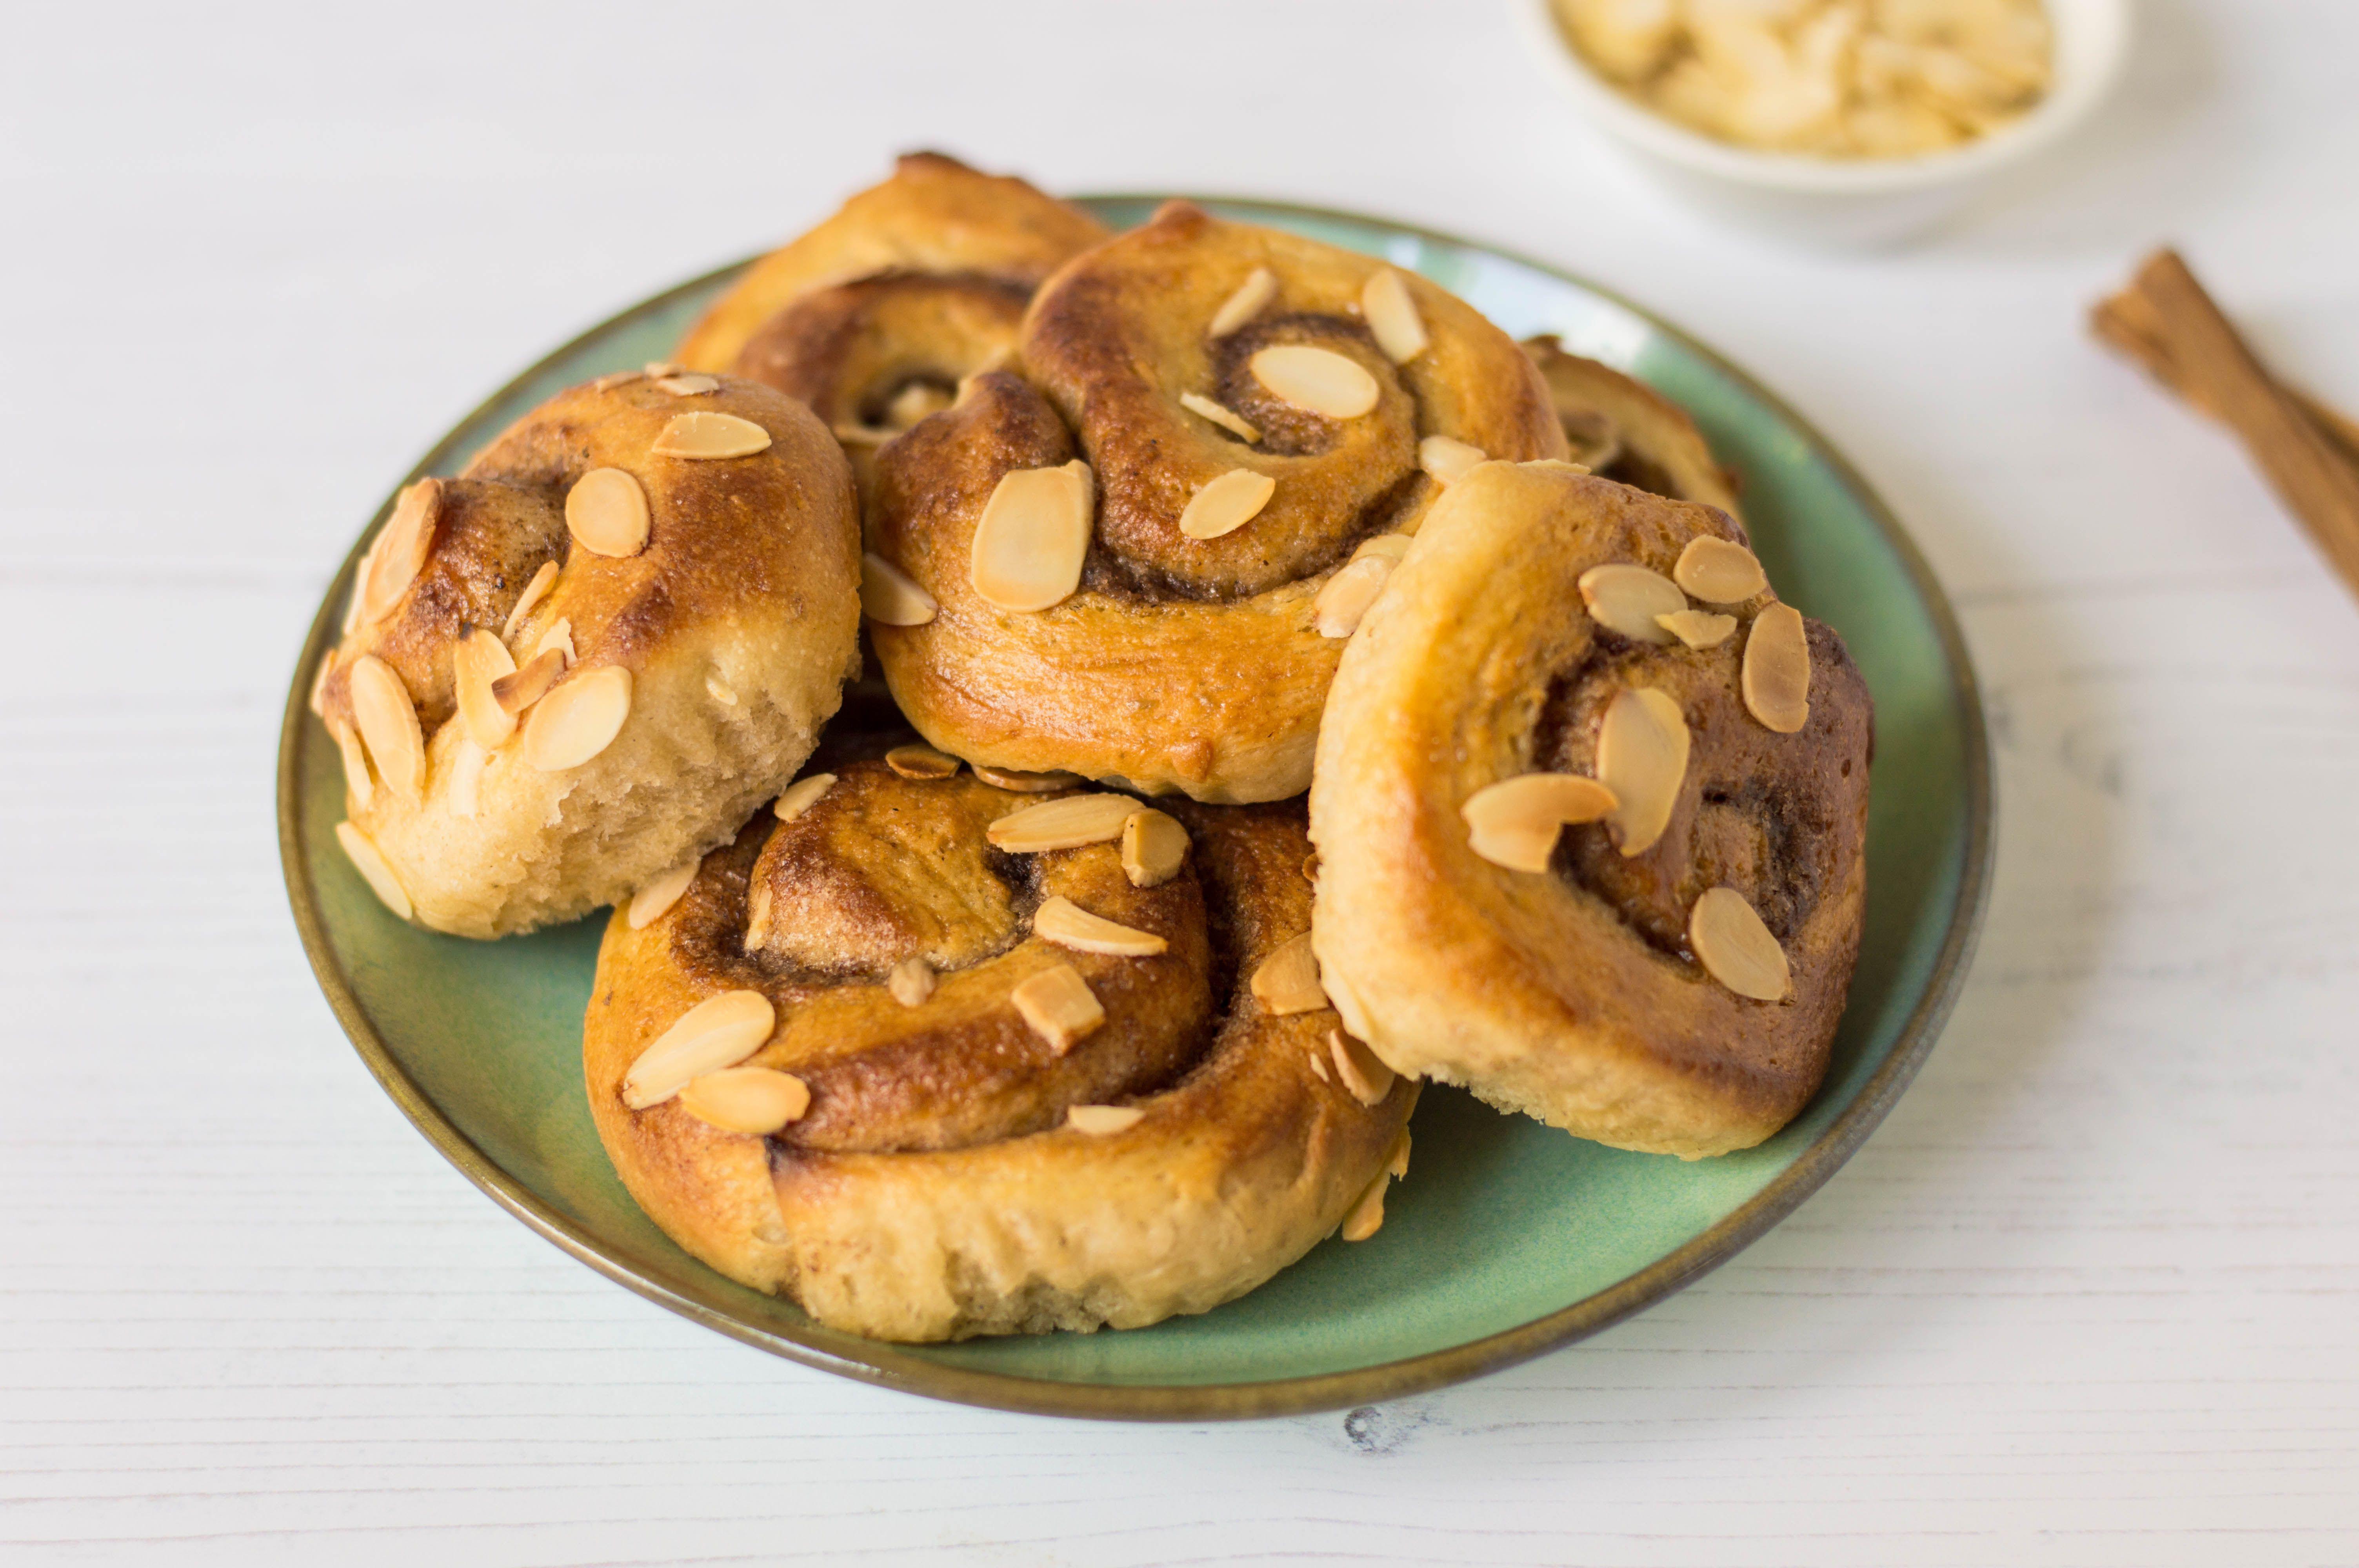 Baked Swedish cinnamon rolls on plate